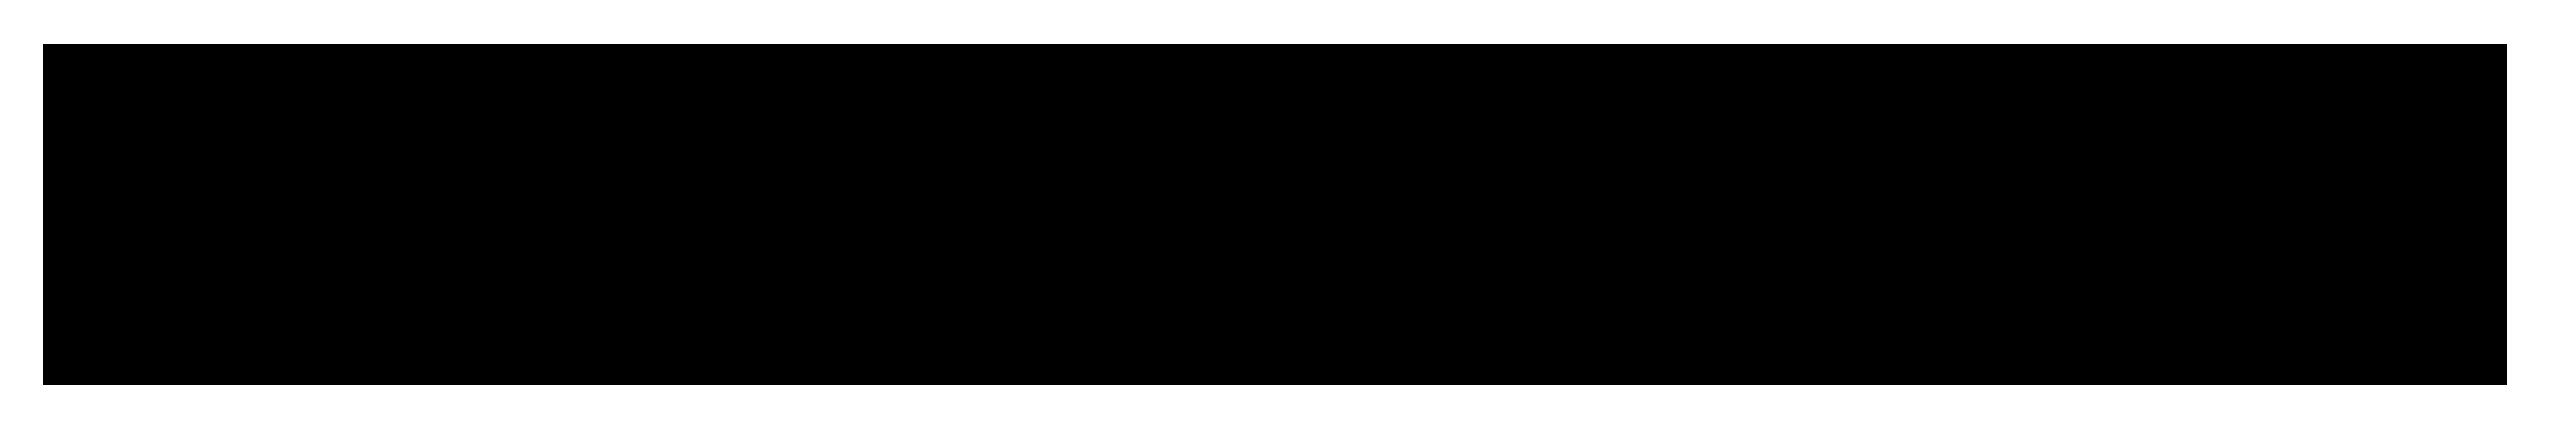 La Cachetona